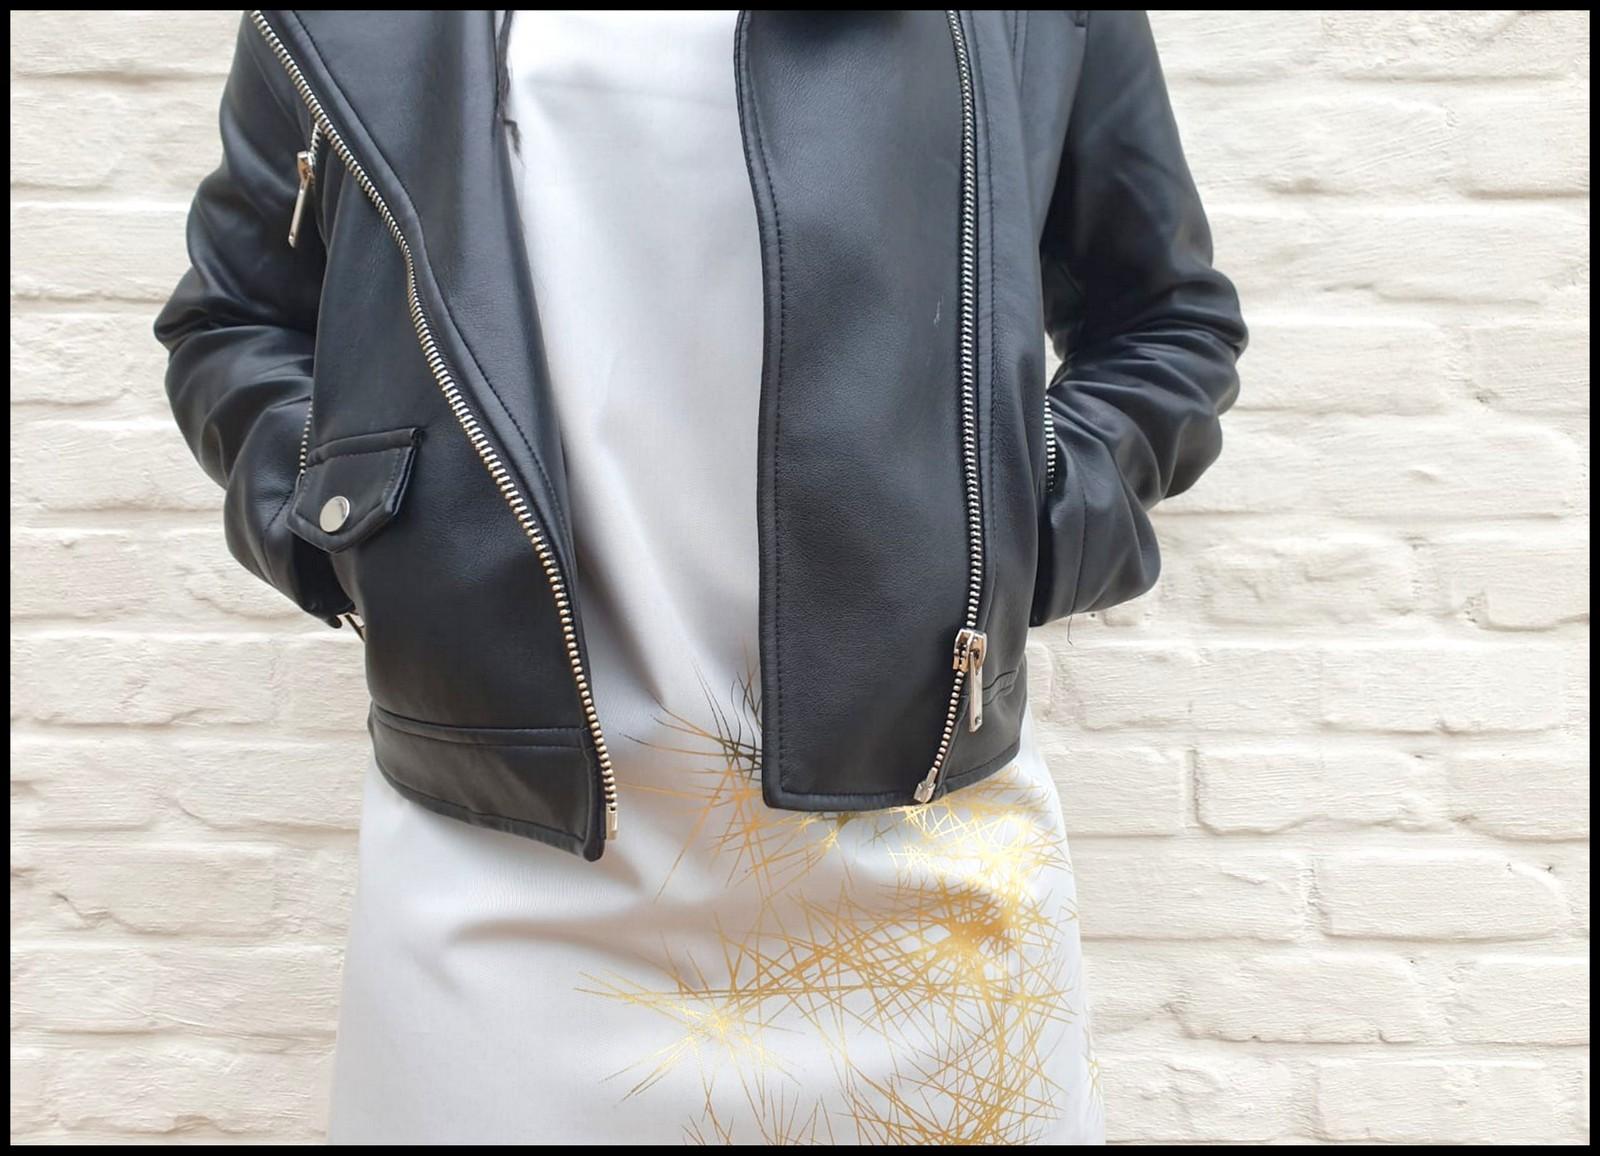 MOMM-jurk voor Lotte Martens 2